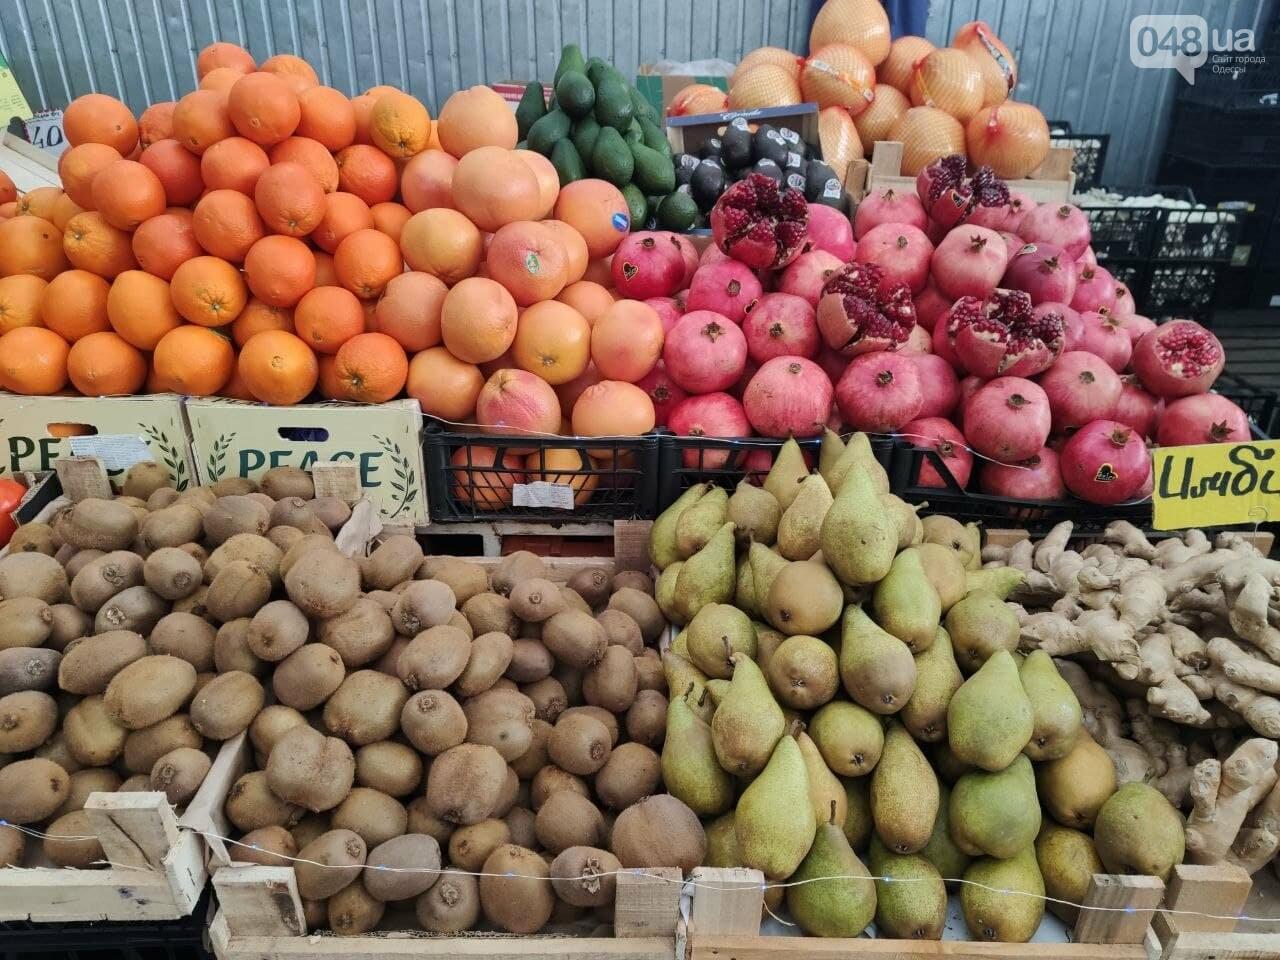 Ананас, грейпфрут, кабачки: почем на одесском Привозе овощи и фрукты, - ФОТО, фото-5